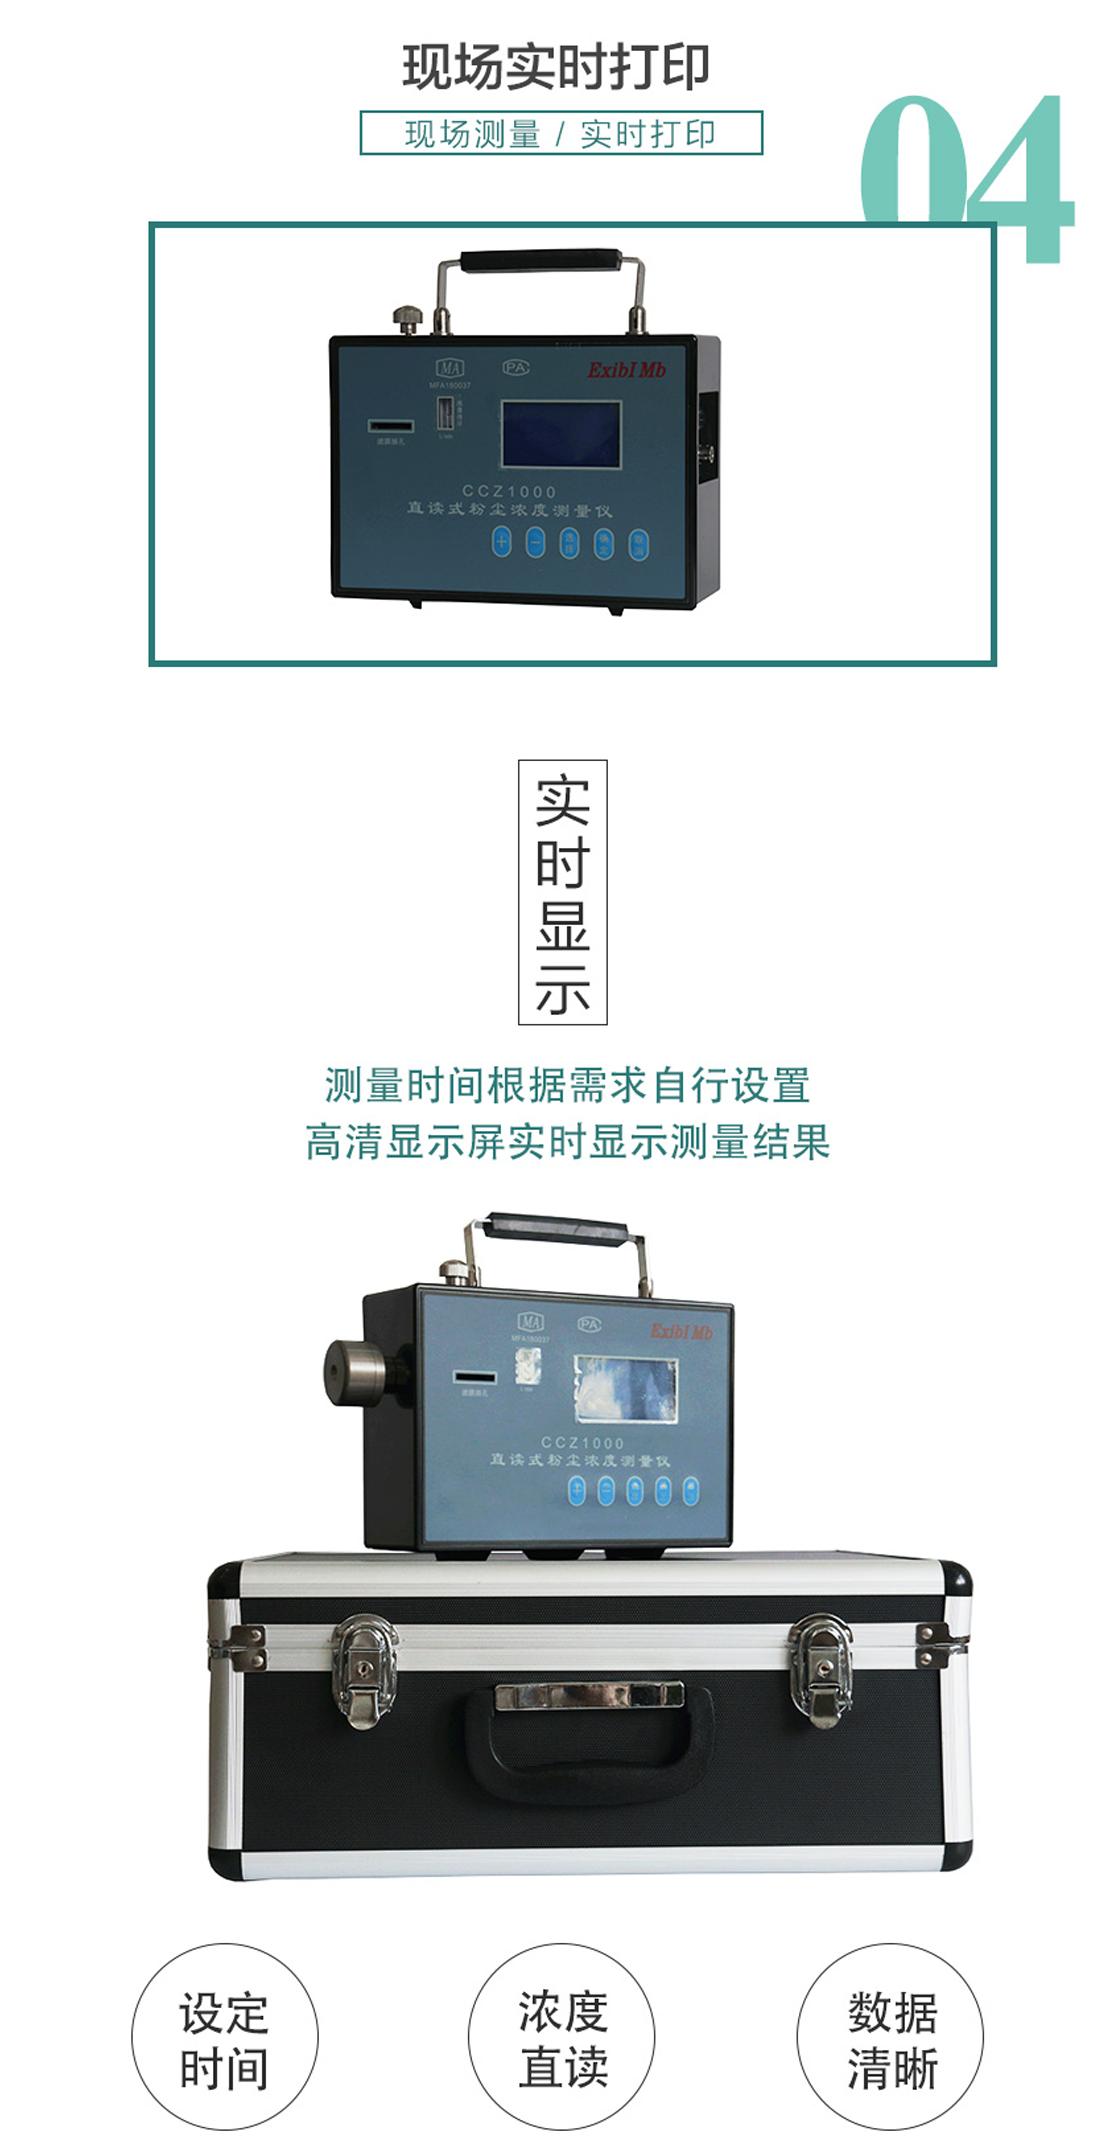 聚創環保礦用粉塵檢測儀/直讀式粉塵濃度測量儀CCZ1000